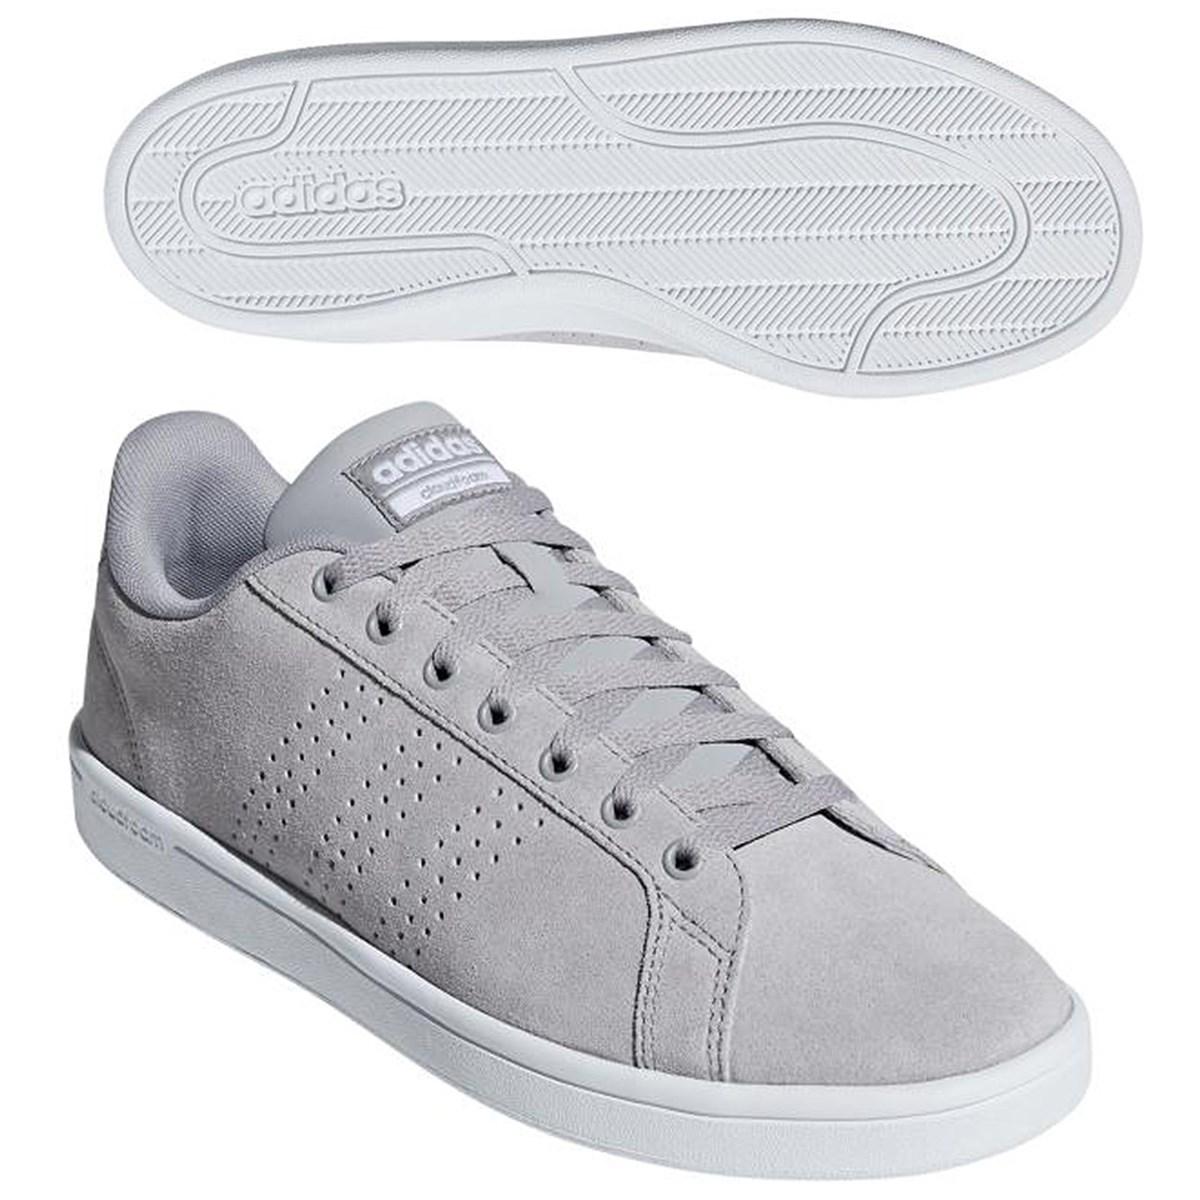 アディダス(adidas) CLOUDFOAM VALCLEAN SUE シューズ